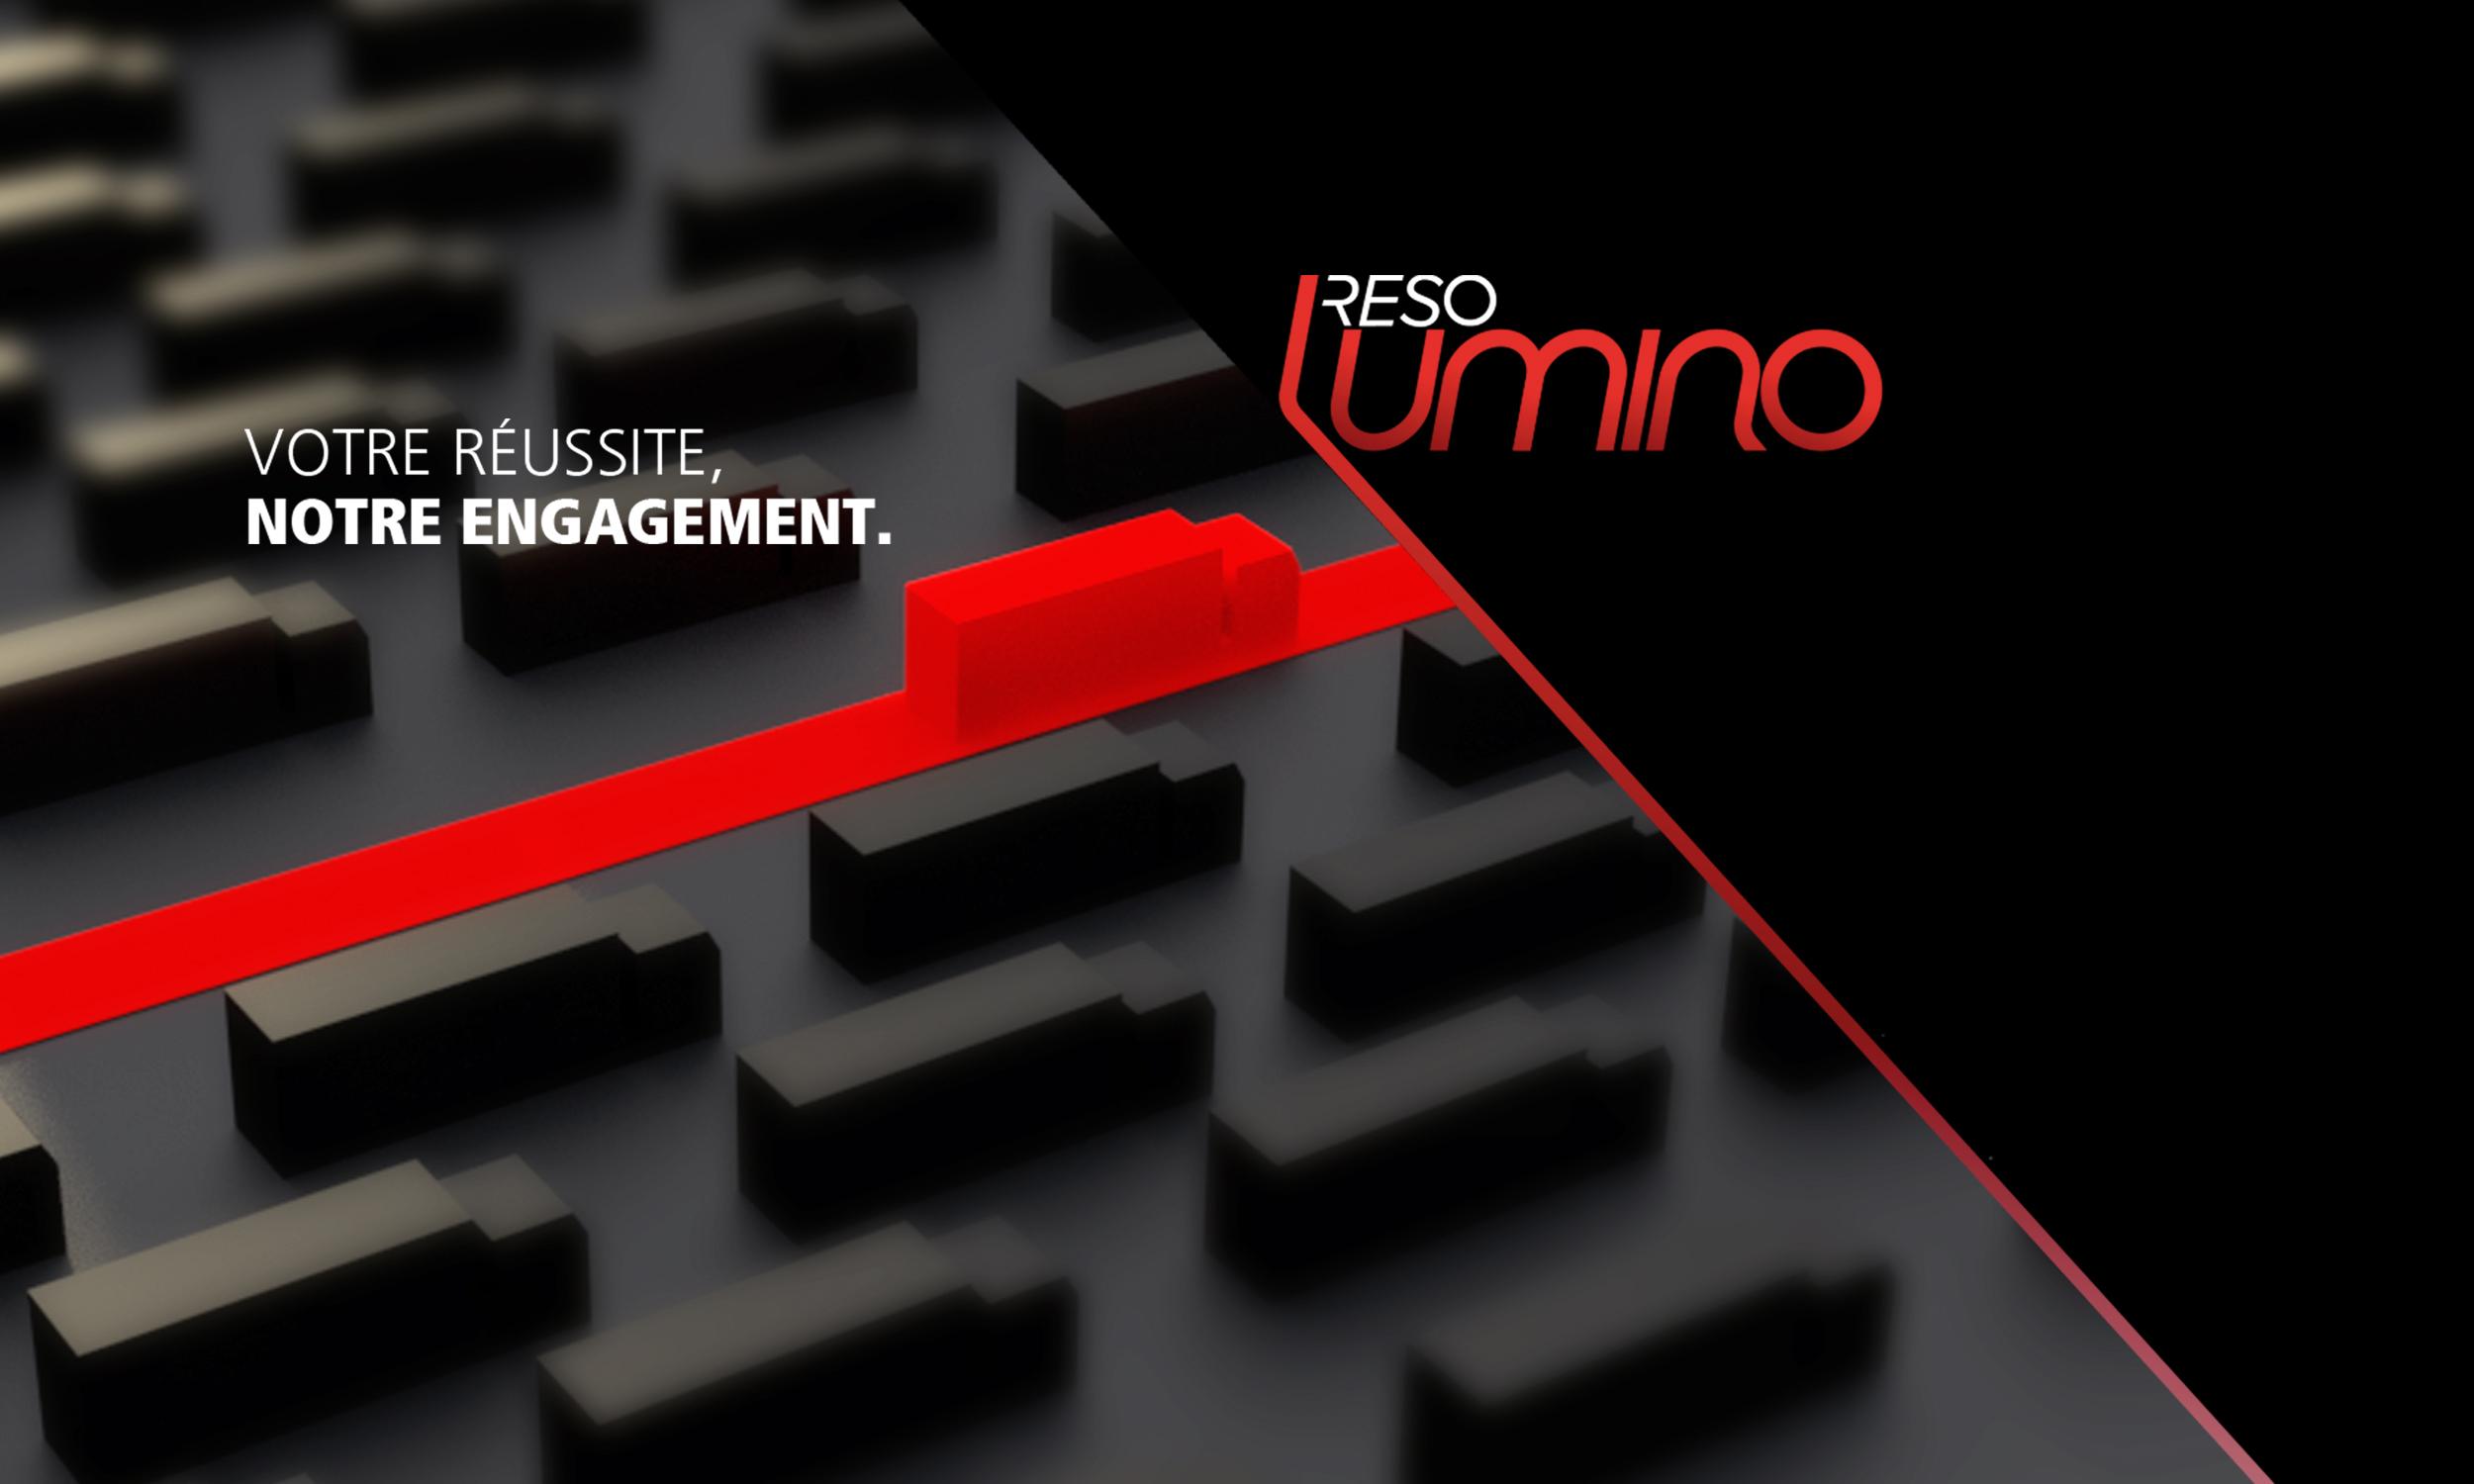 http://www.reso-lumino.com/wp-content/uploads/2016/12/slider-2500x1500-2-1.jpg